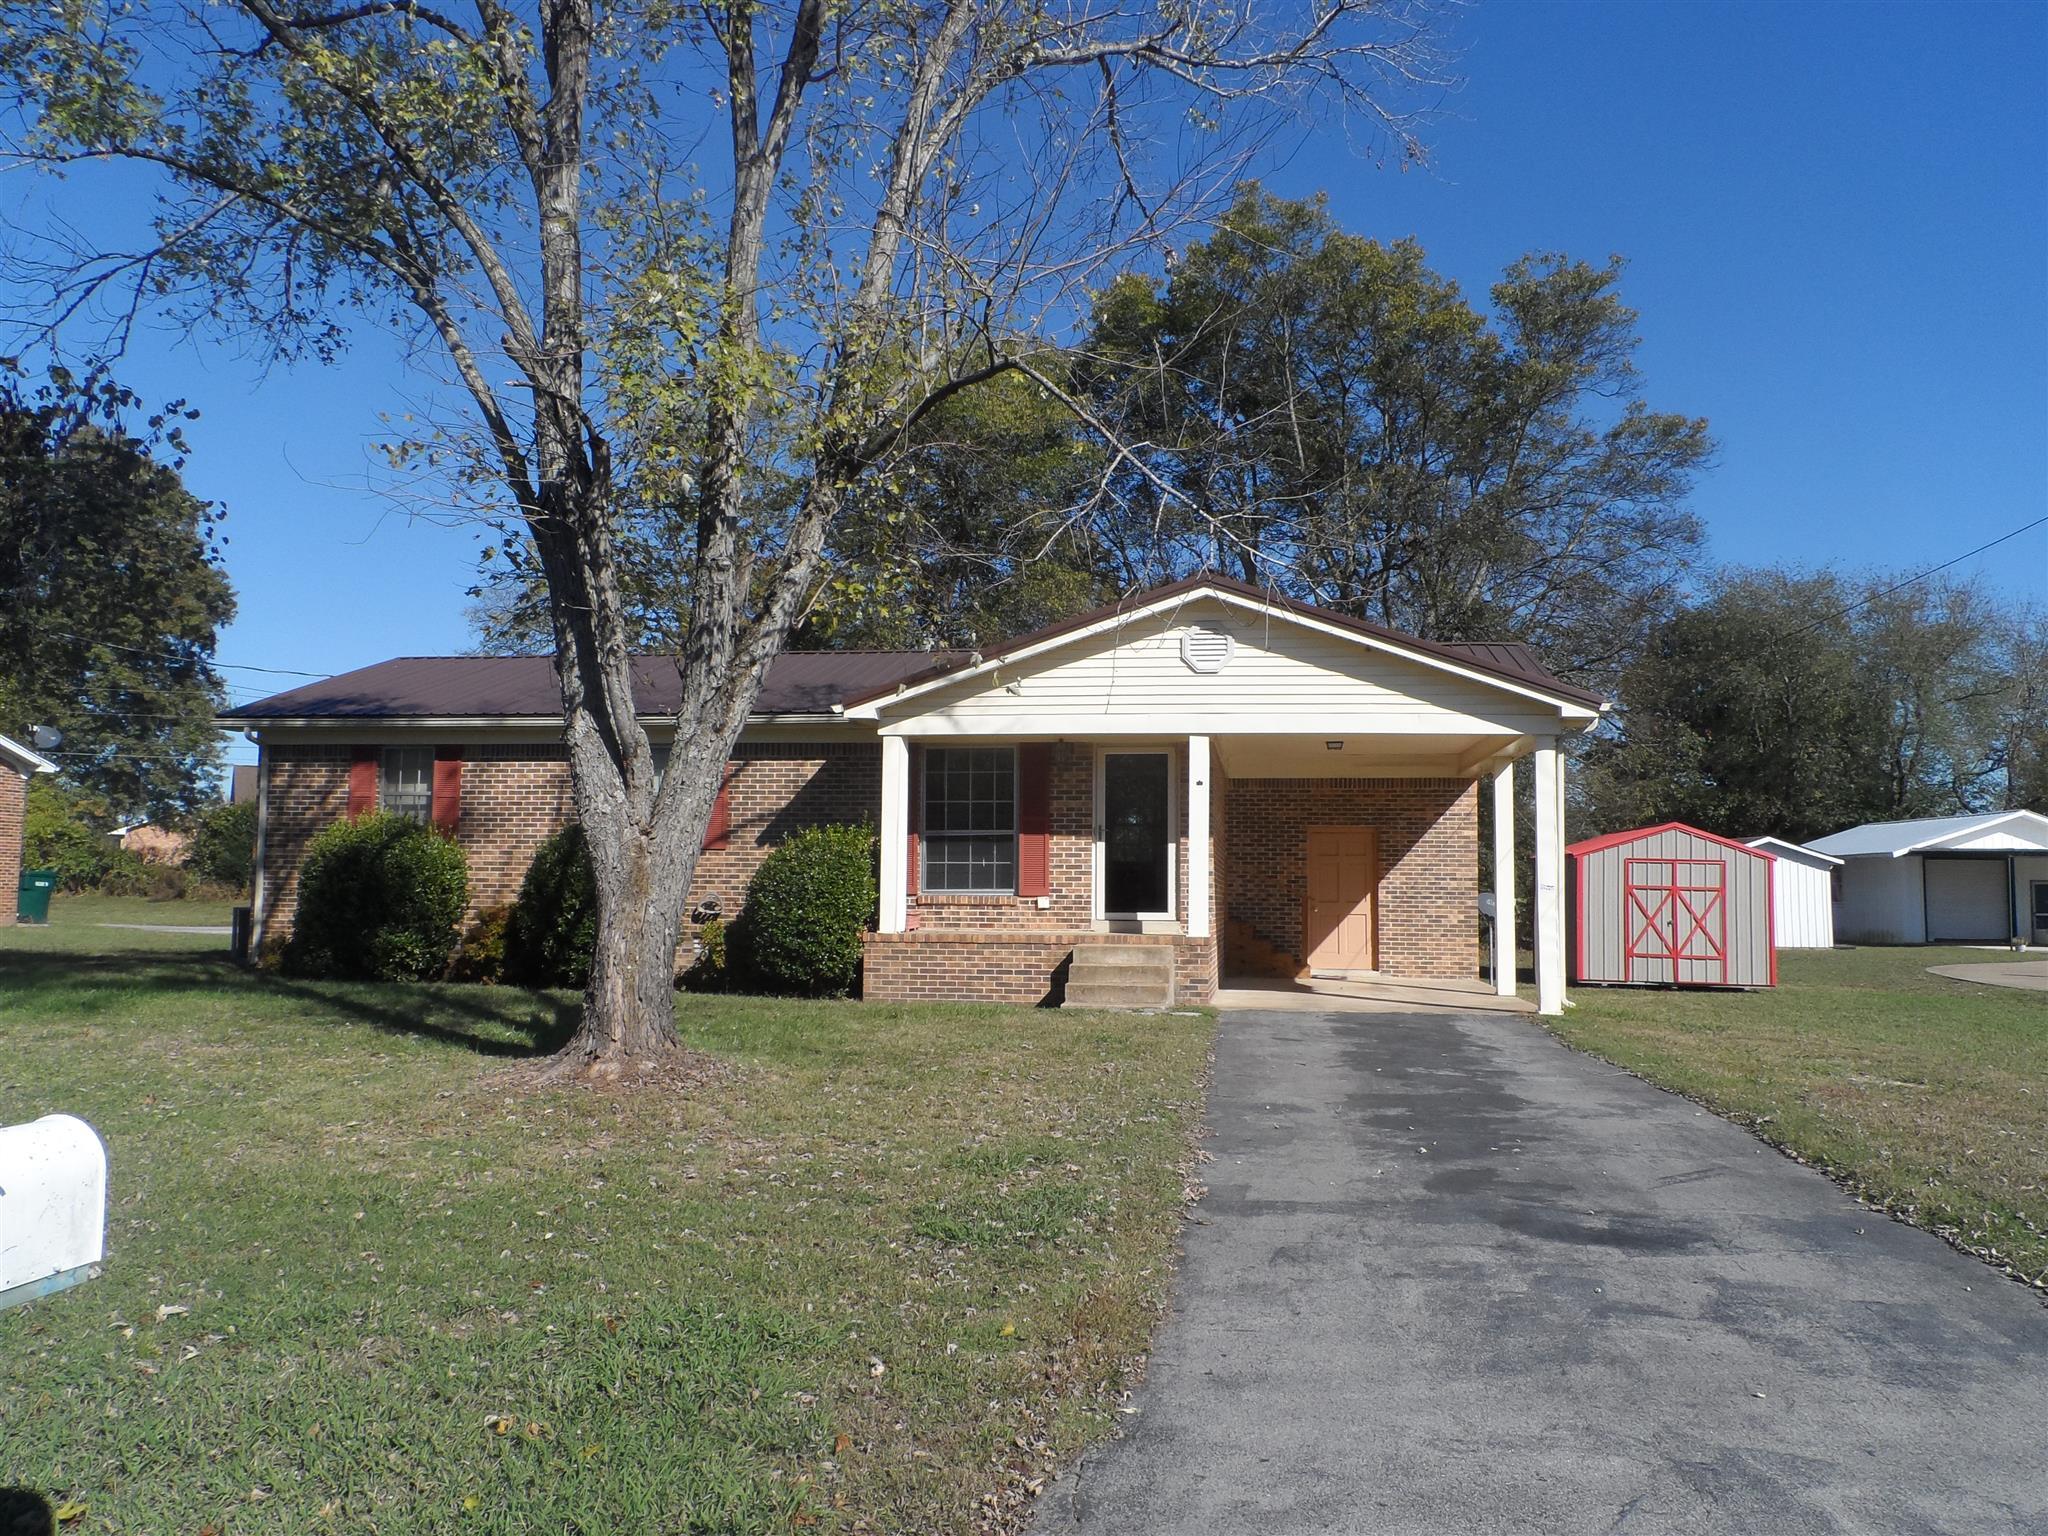 1078 Morgan St, Pulaski, TN 38478 - Pulaski, TN real estate listing